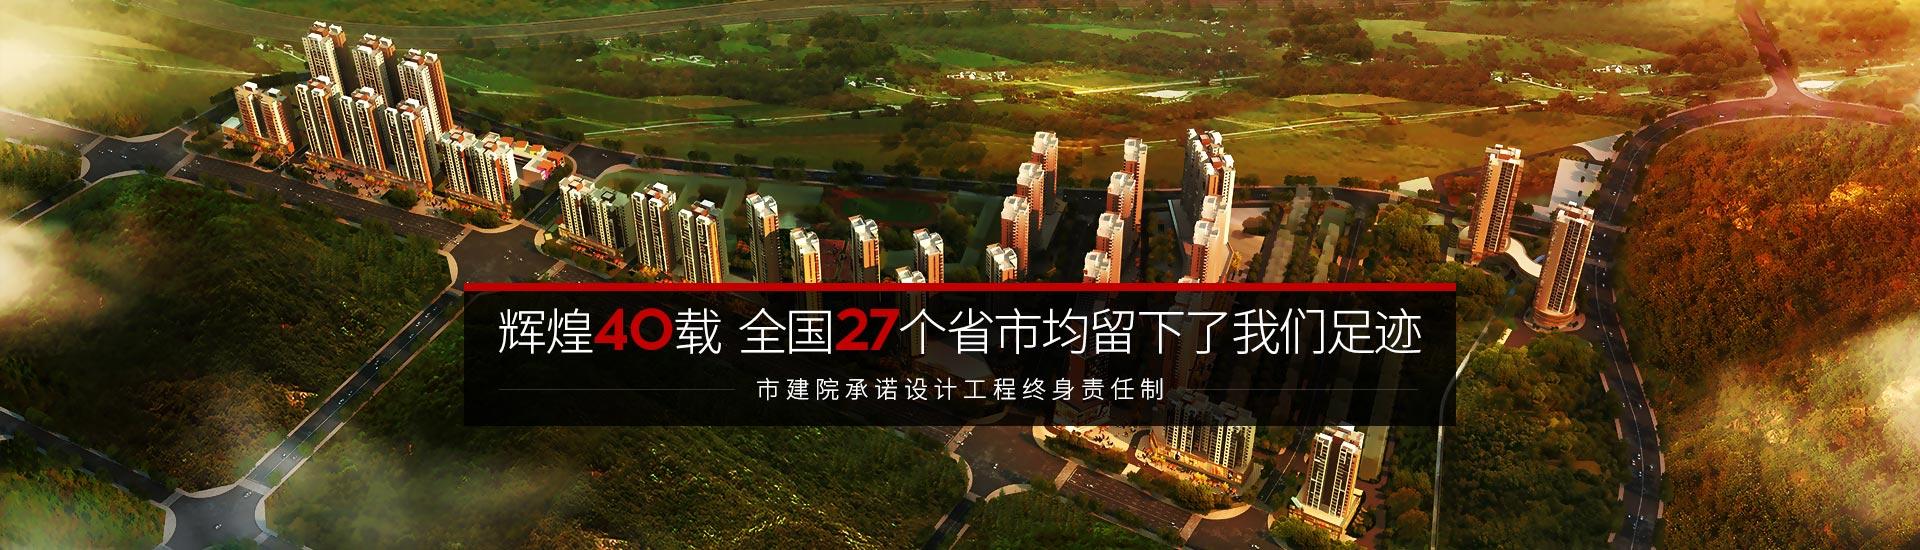 市建院-辉煌40载  全国27个省市均留下了我们足迹